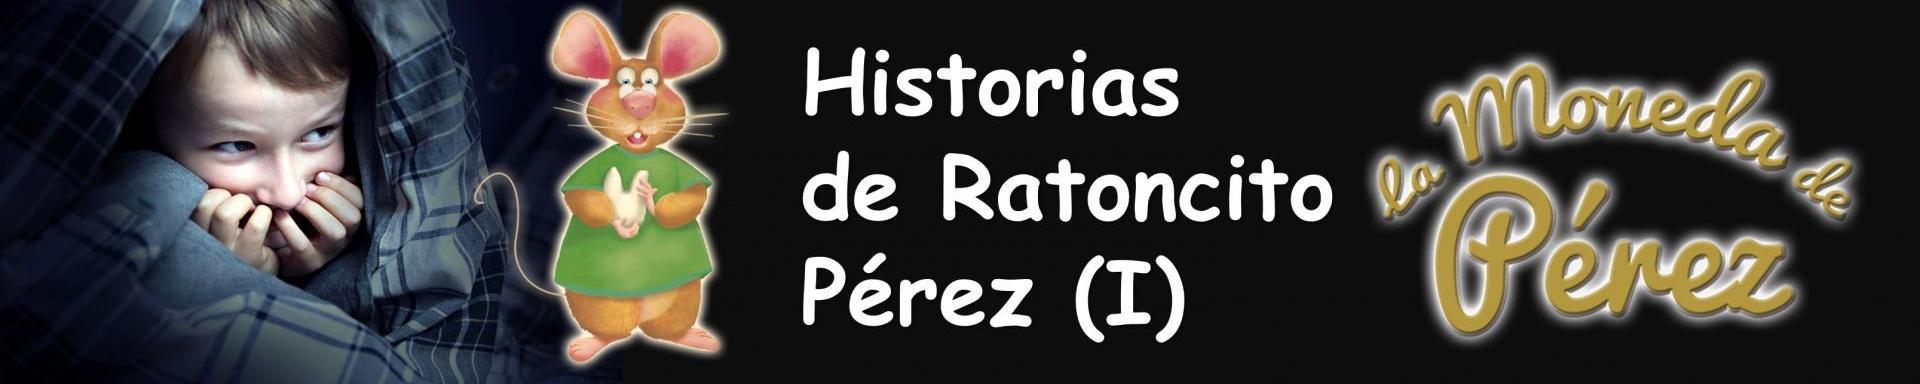 HISTORIAS DE RATONCITO PEREZ (CUANDO EL DIENTE COMENZO A MOVERSE)